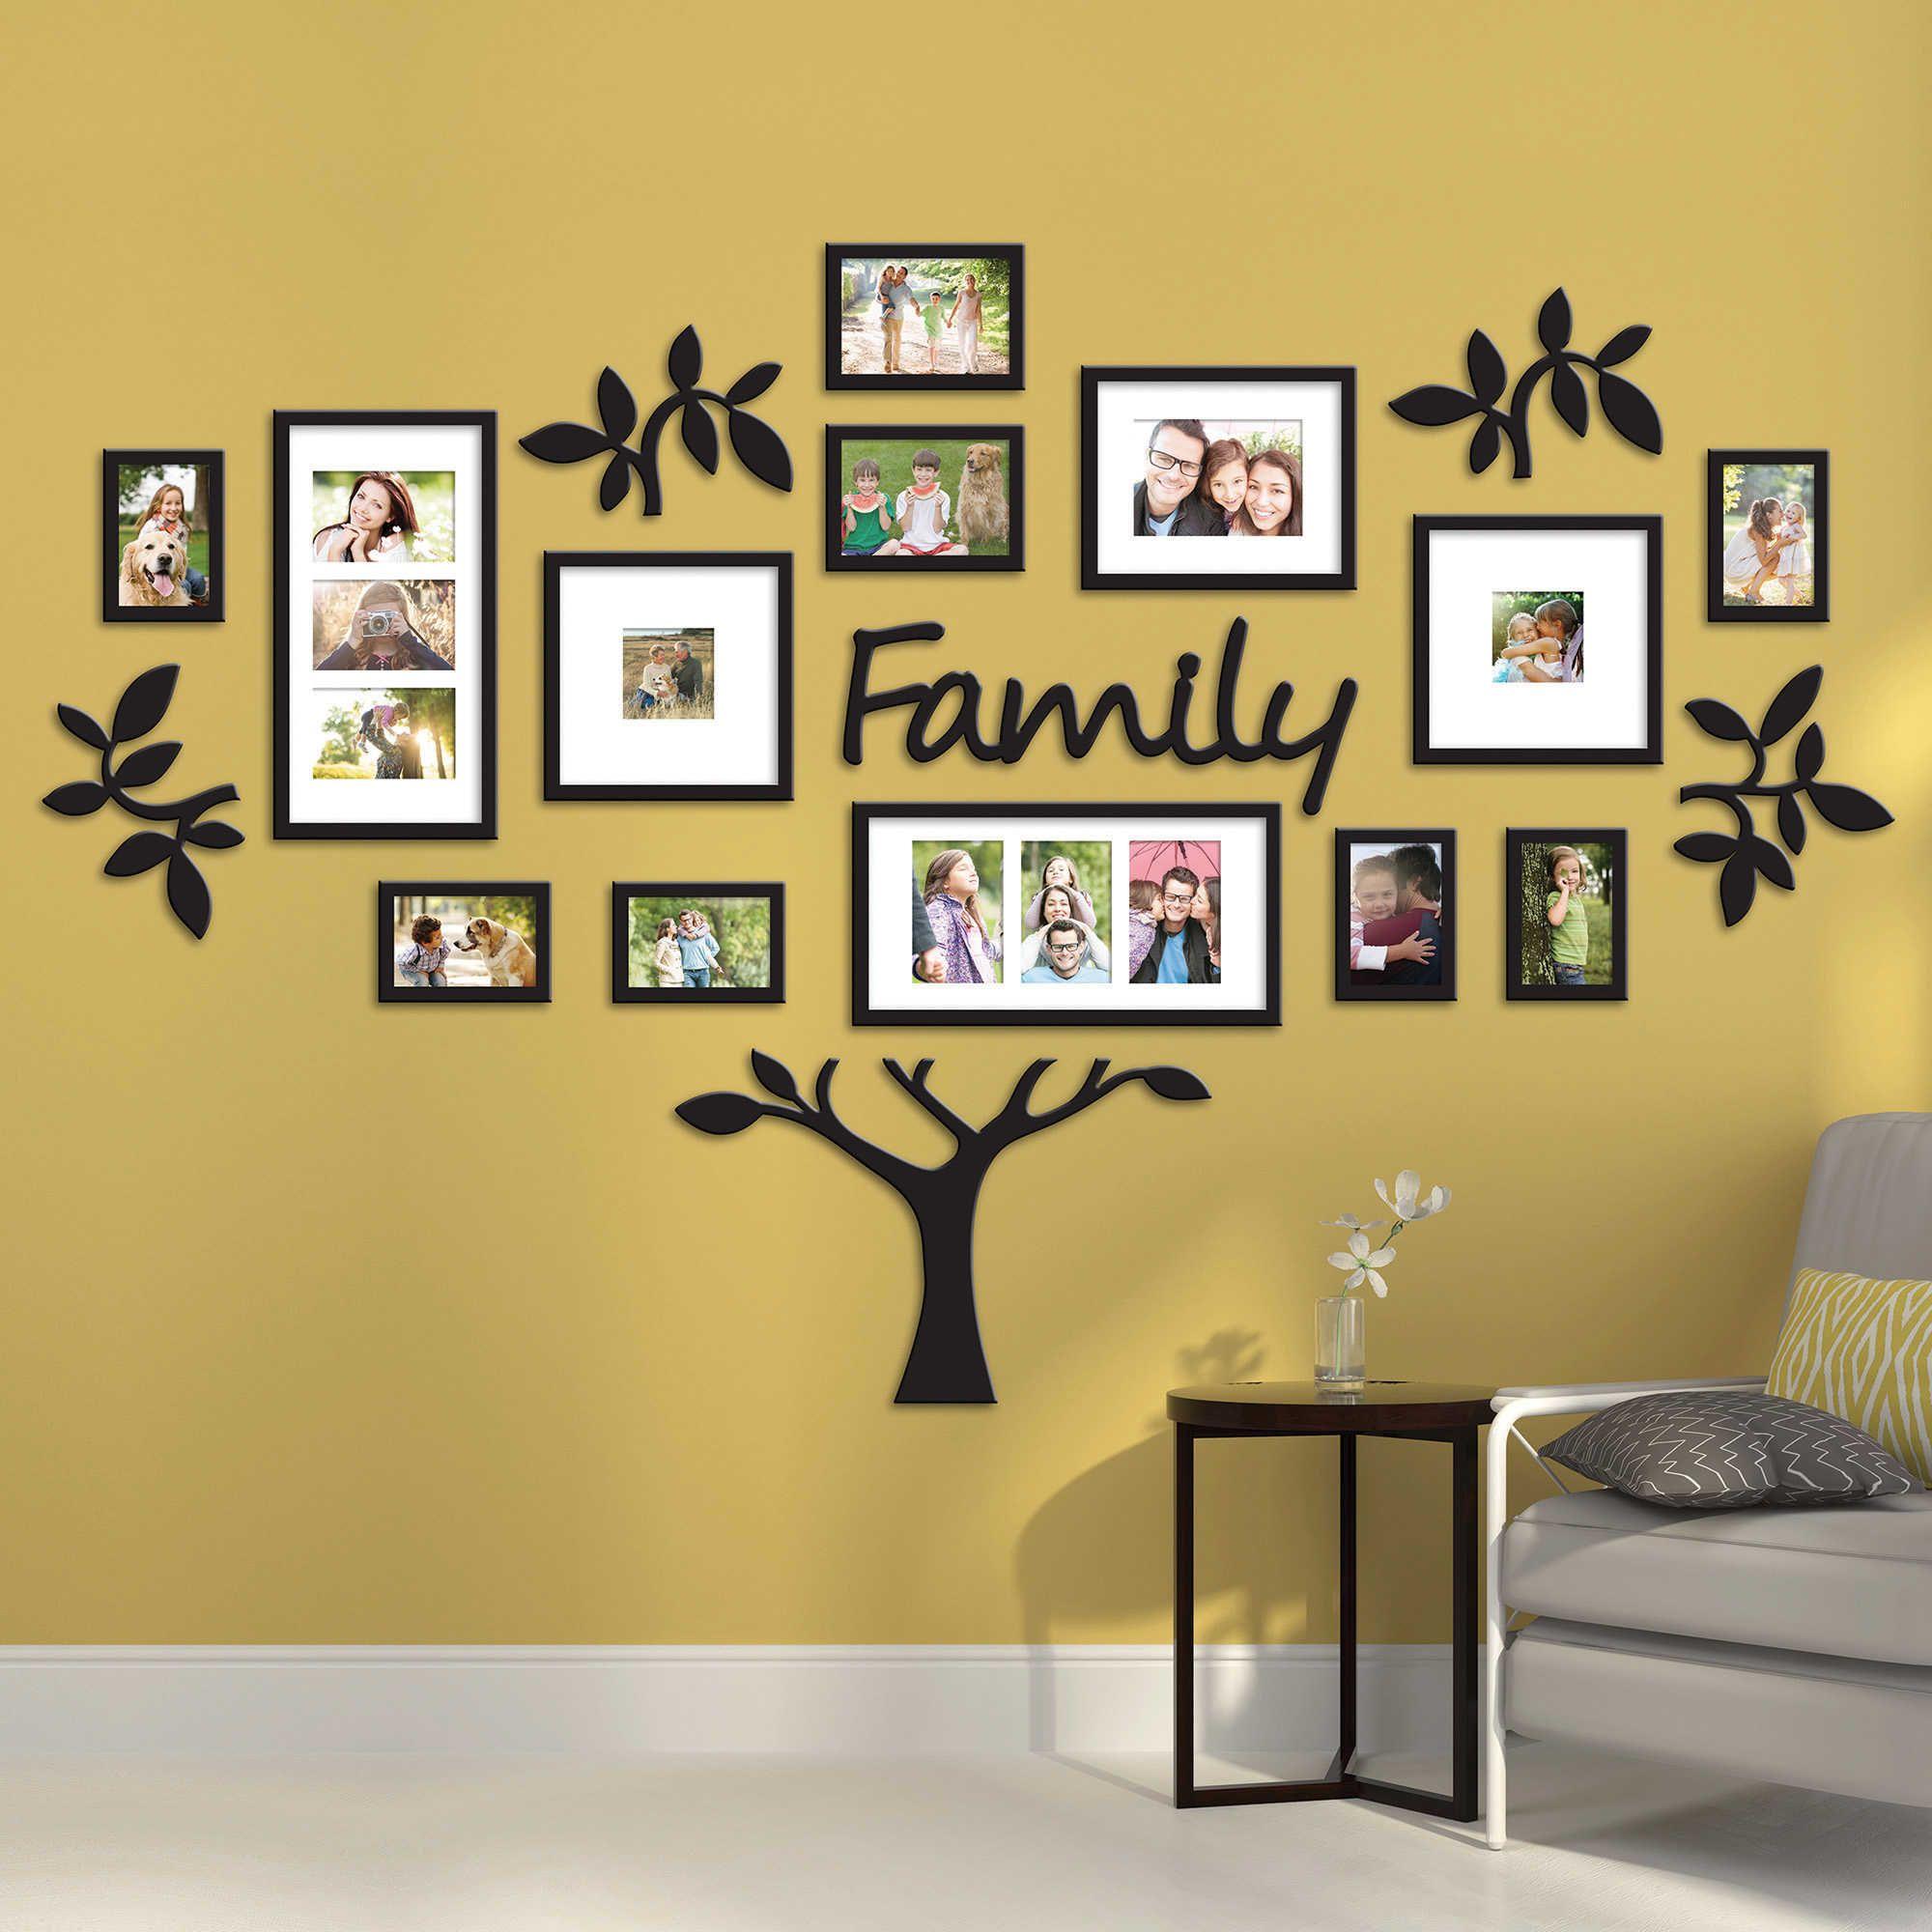 Invalid Url Family Tree Wall Family Tree Photo Decor